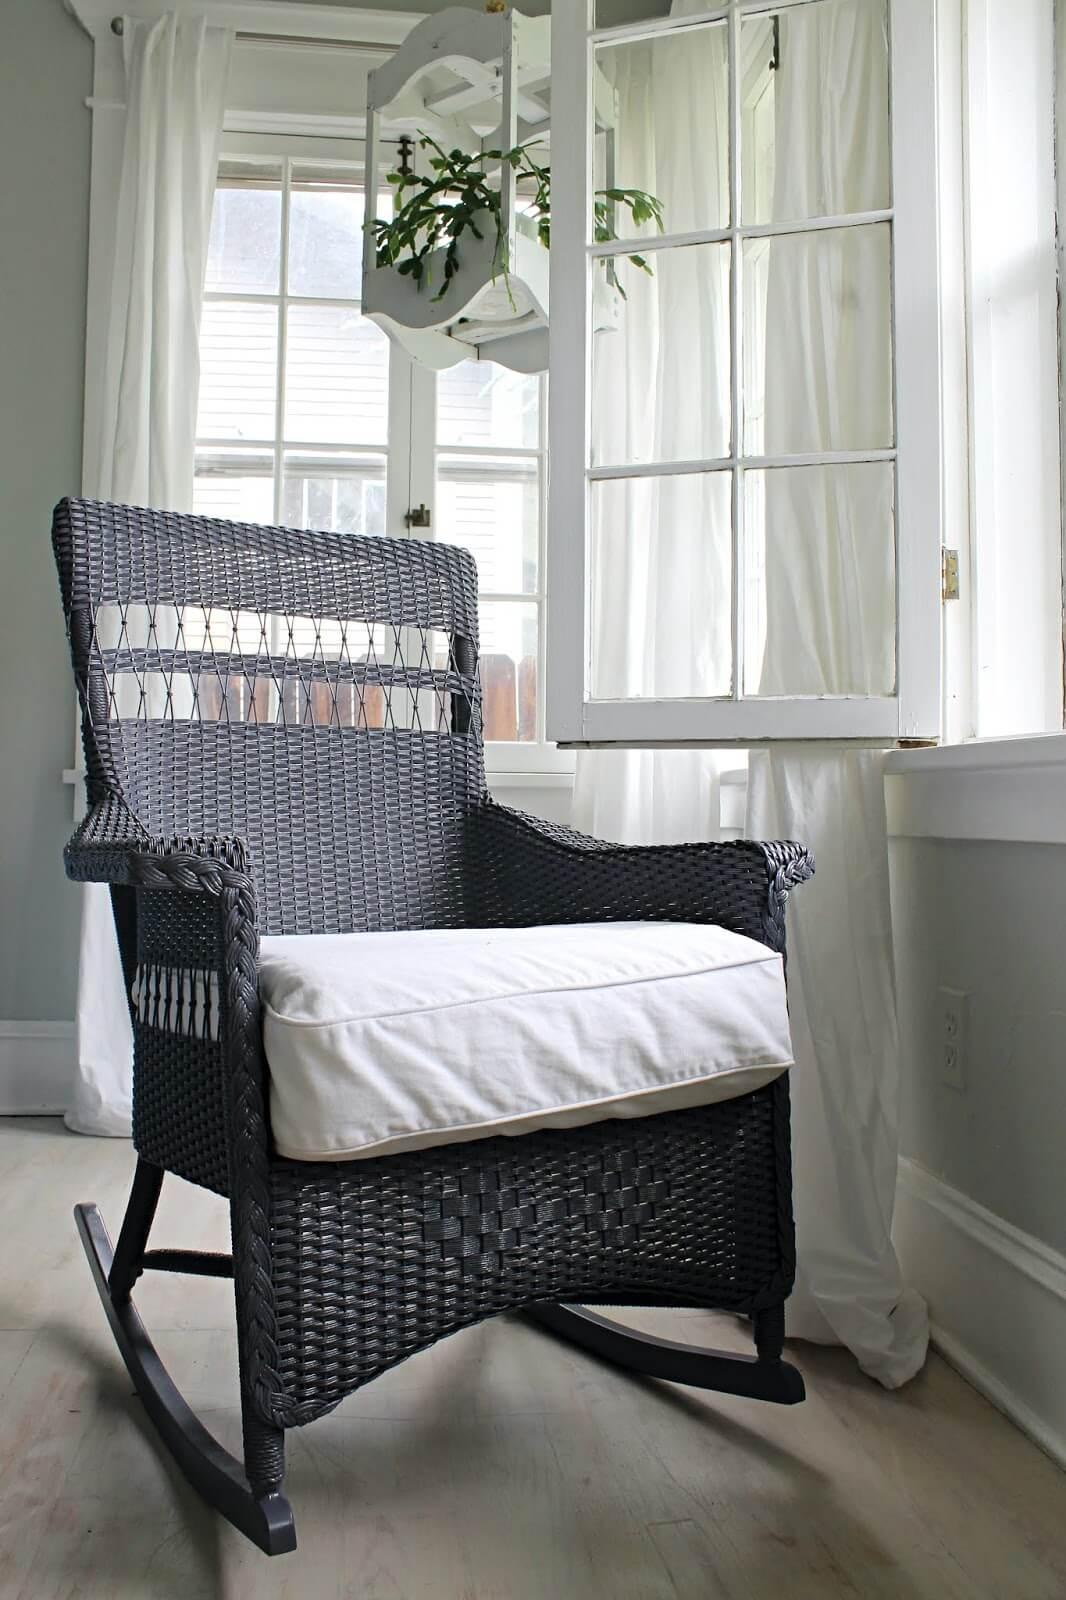 Painted Renewed Wicker Chair Overhaul